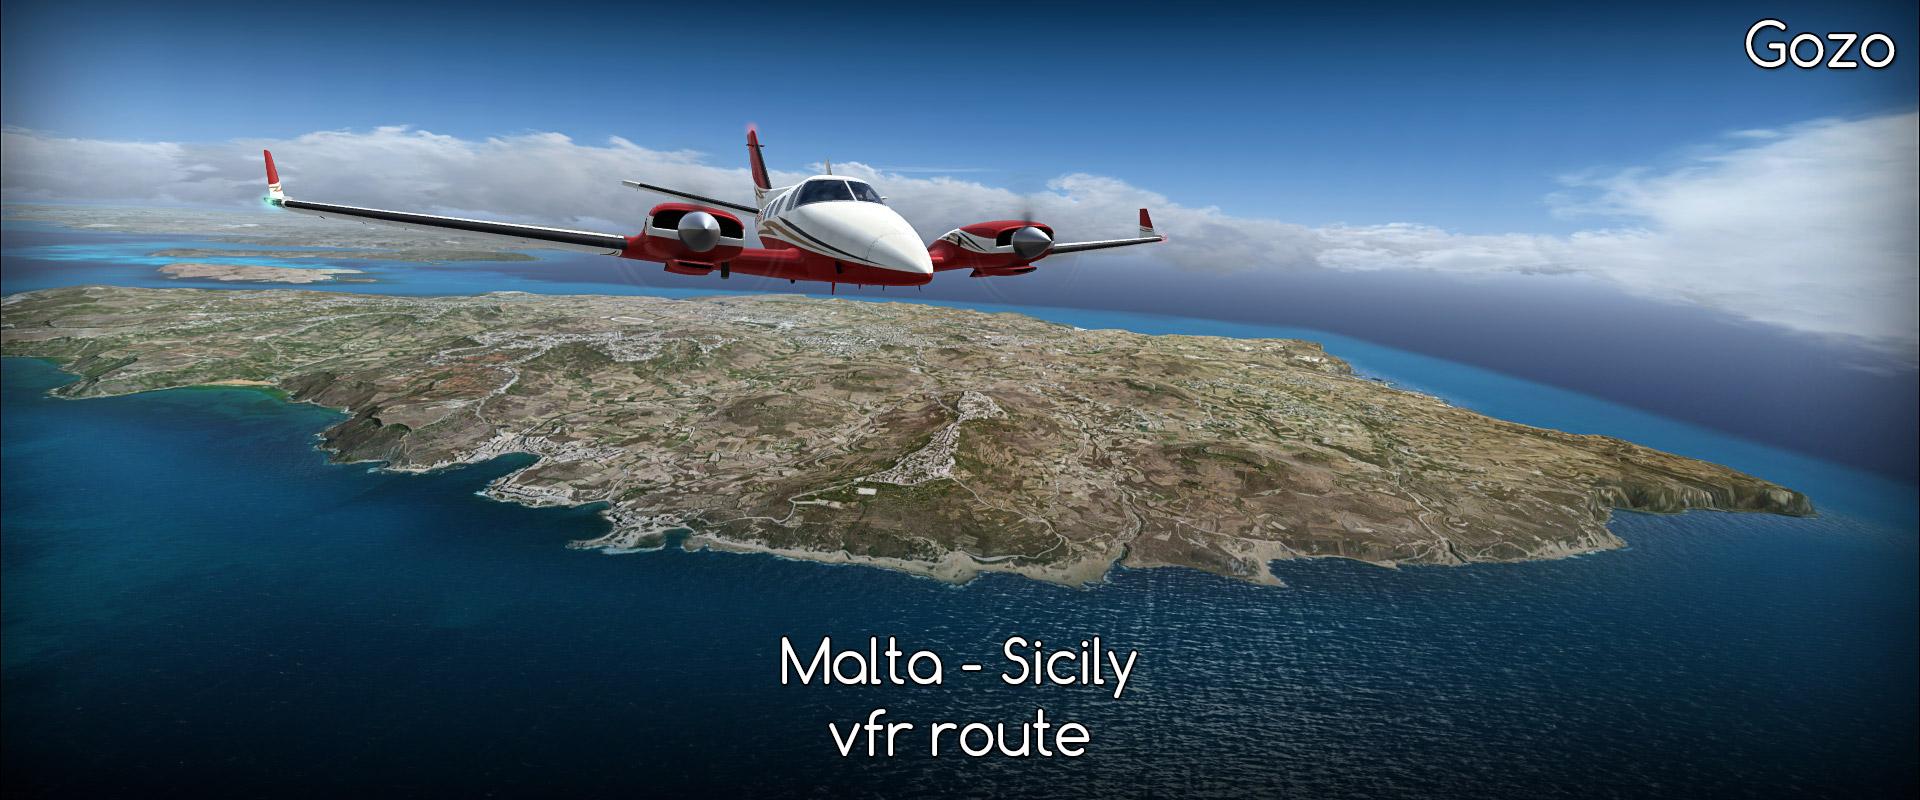 Malta - Palermo, Sicily (LMML-LICJ)